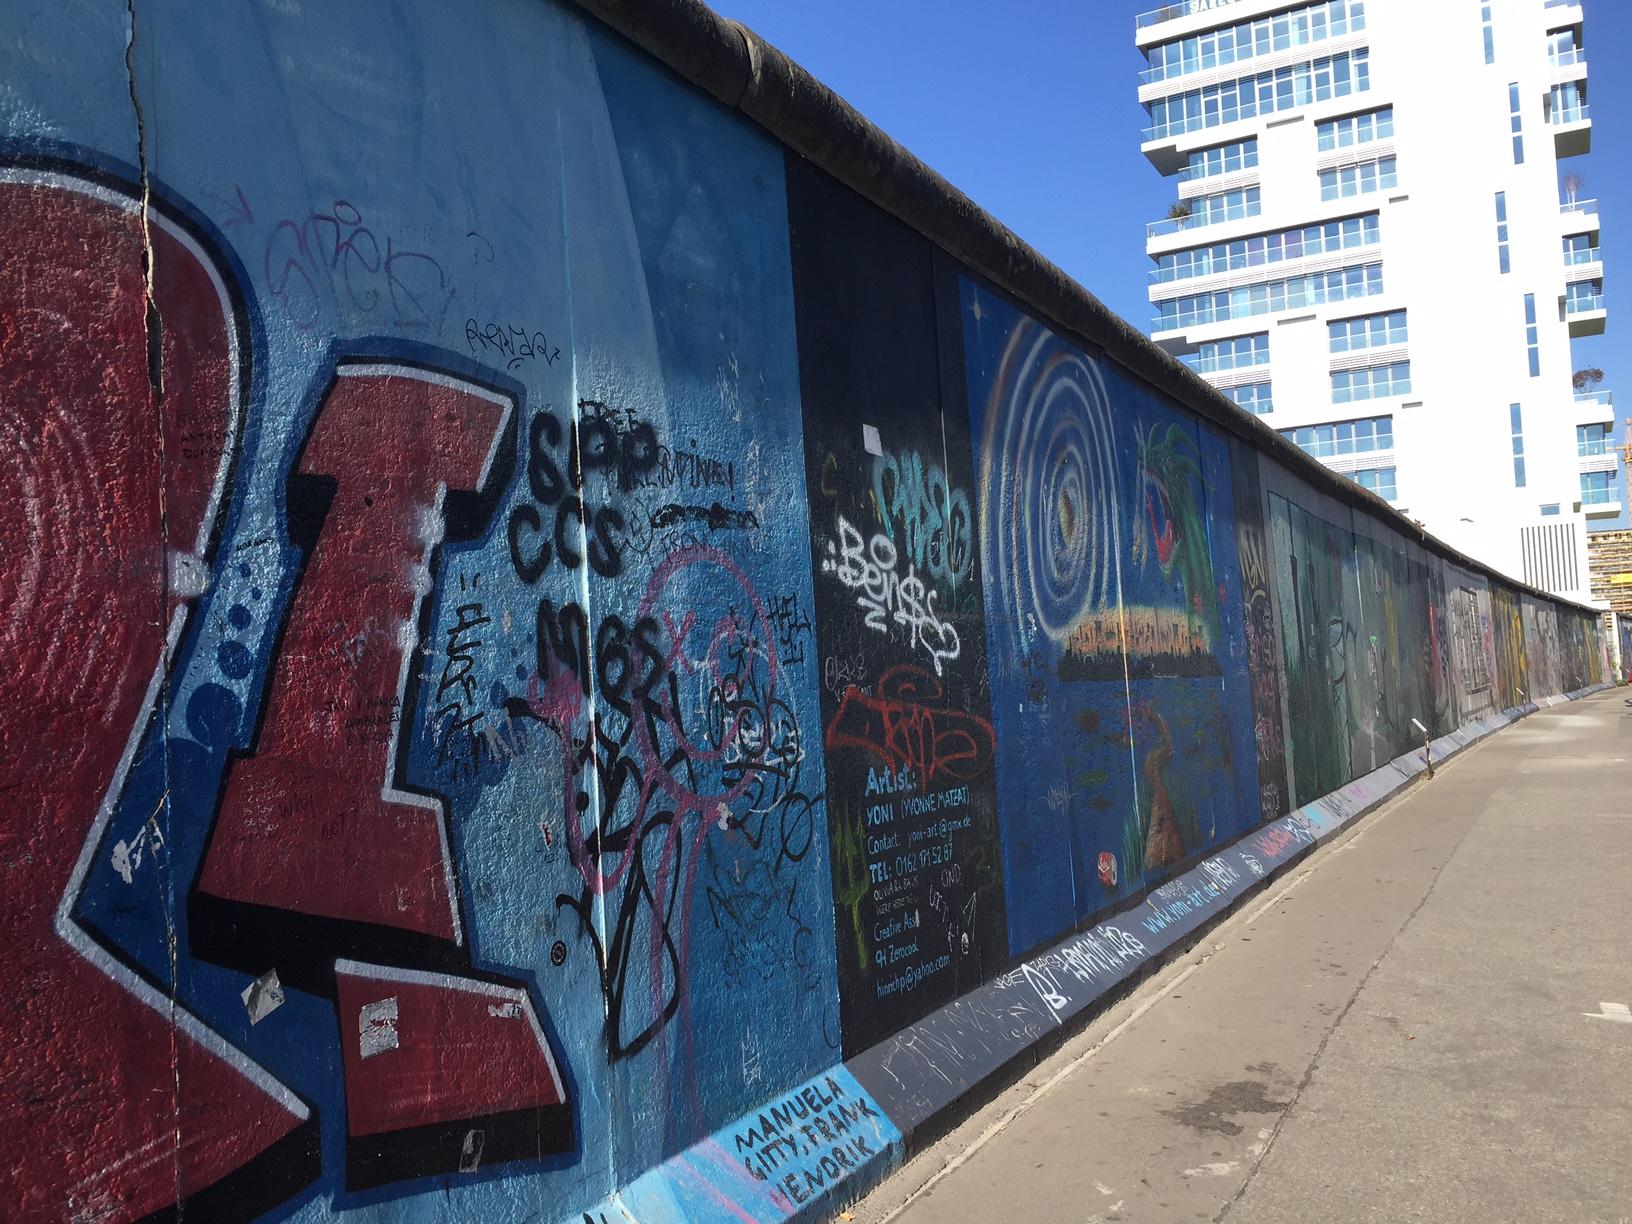 [독일 여행]독일의 수도 베를린추천 여행지 BEST 7